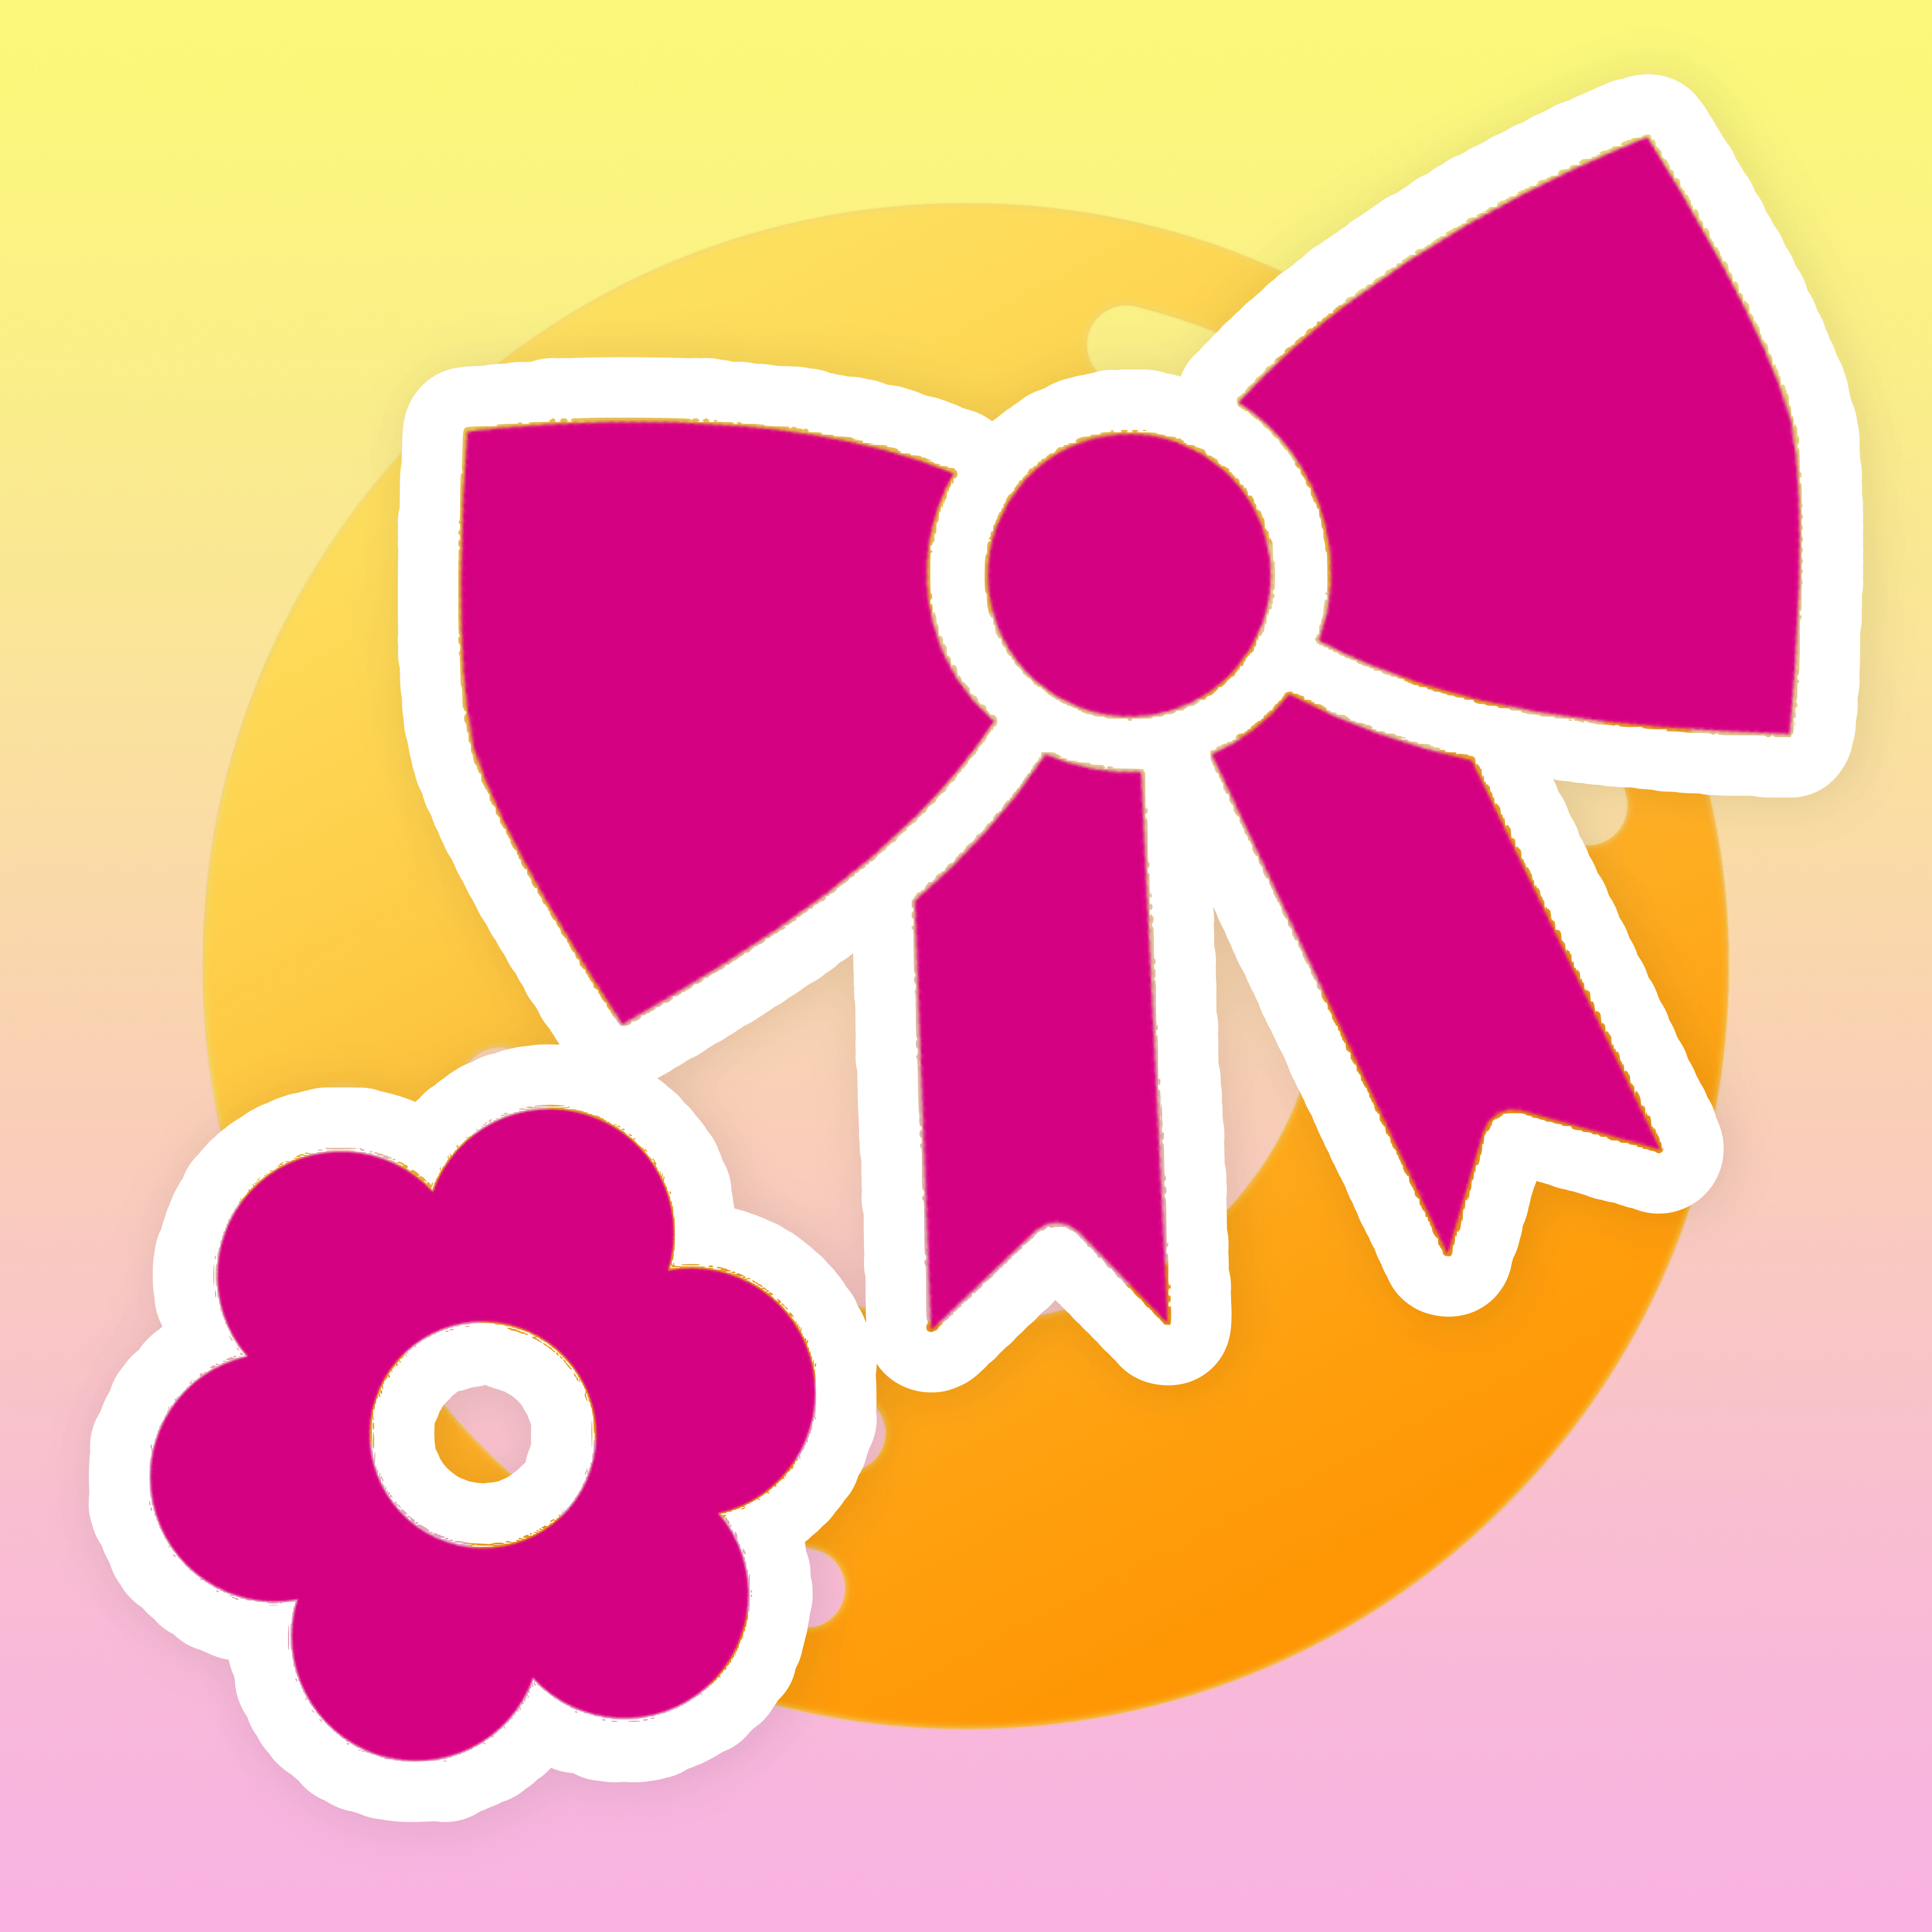 snus_mumriken0217 avatar